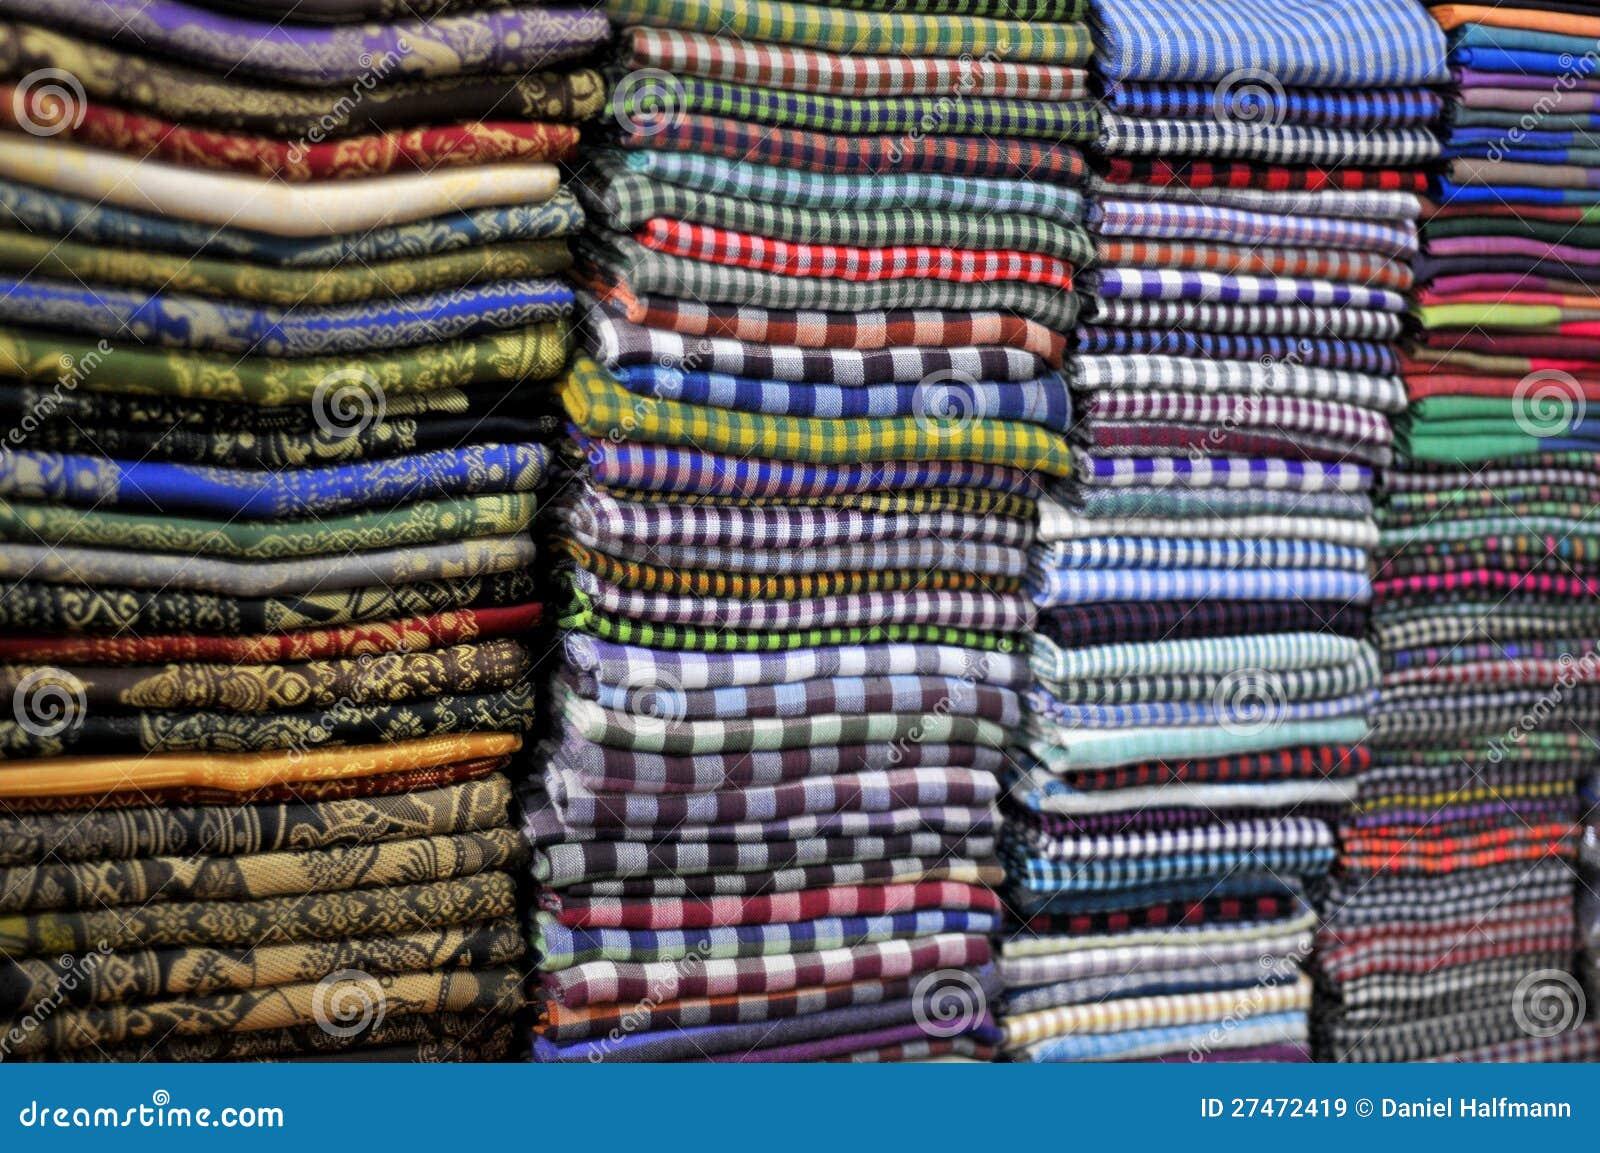 3fc453530591 Belles écharpes au marché image stock. Image du récoltez - 27472419